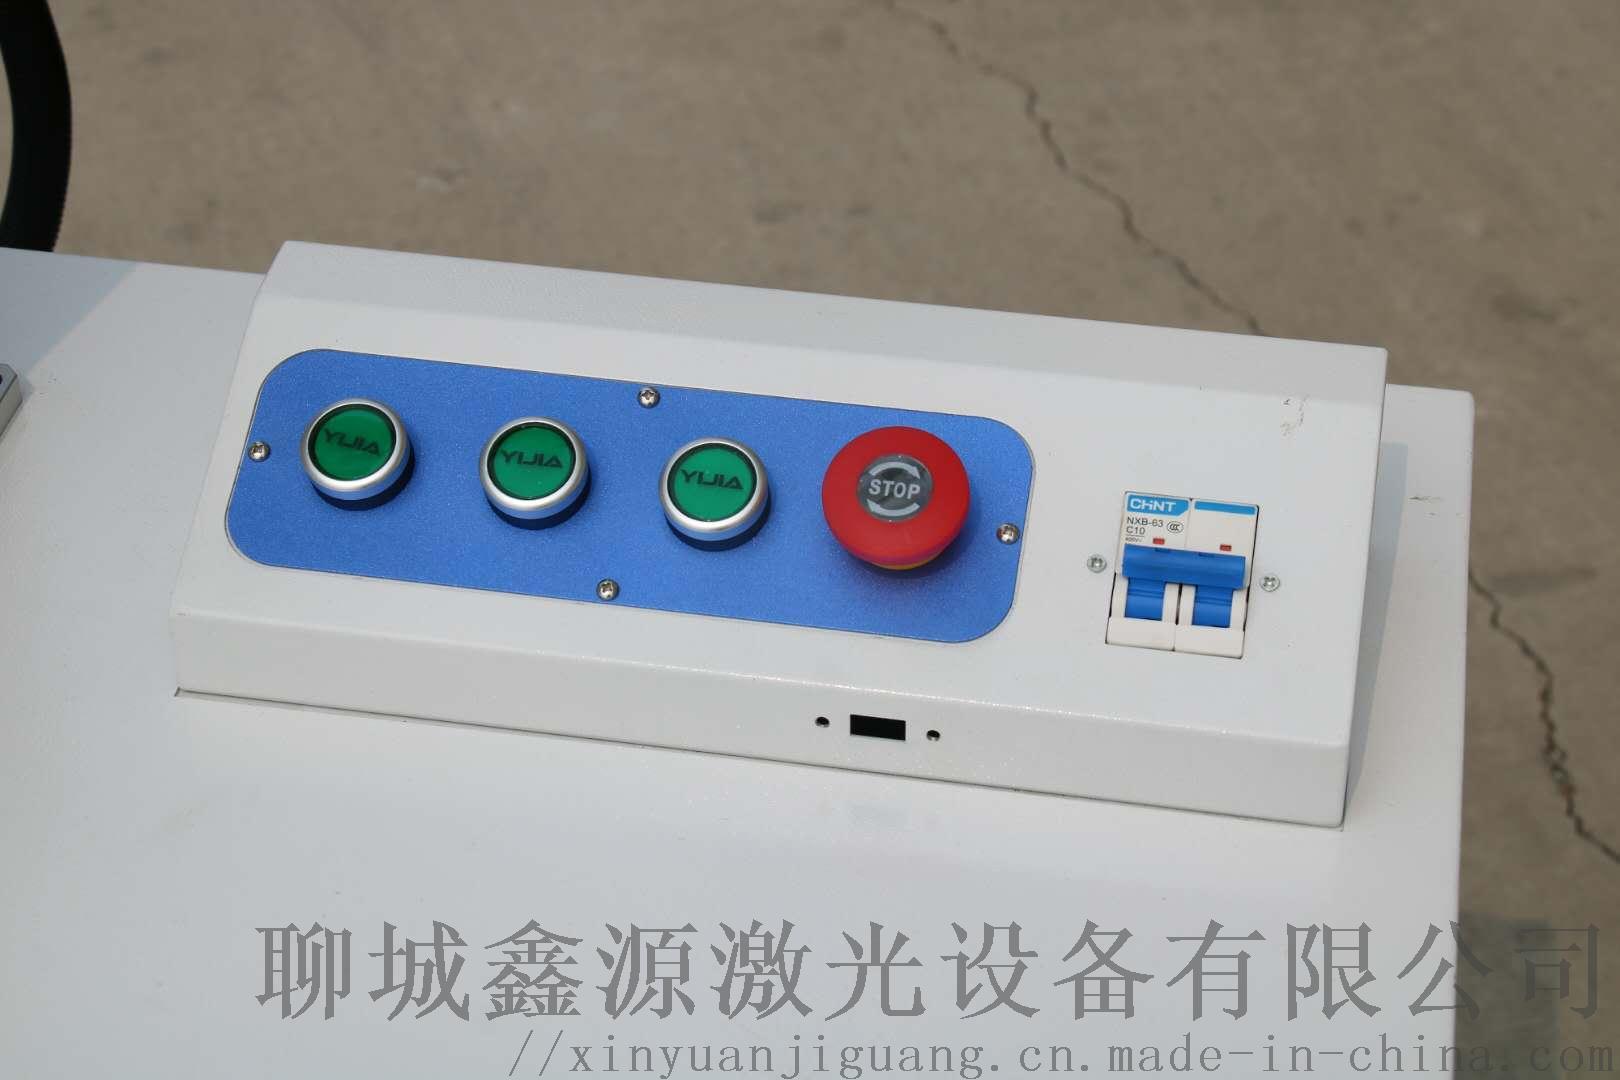 茶叶包装商标雕刻机小型光纤激光打标机92857382